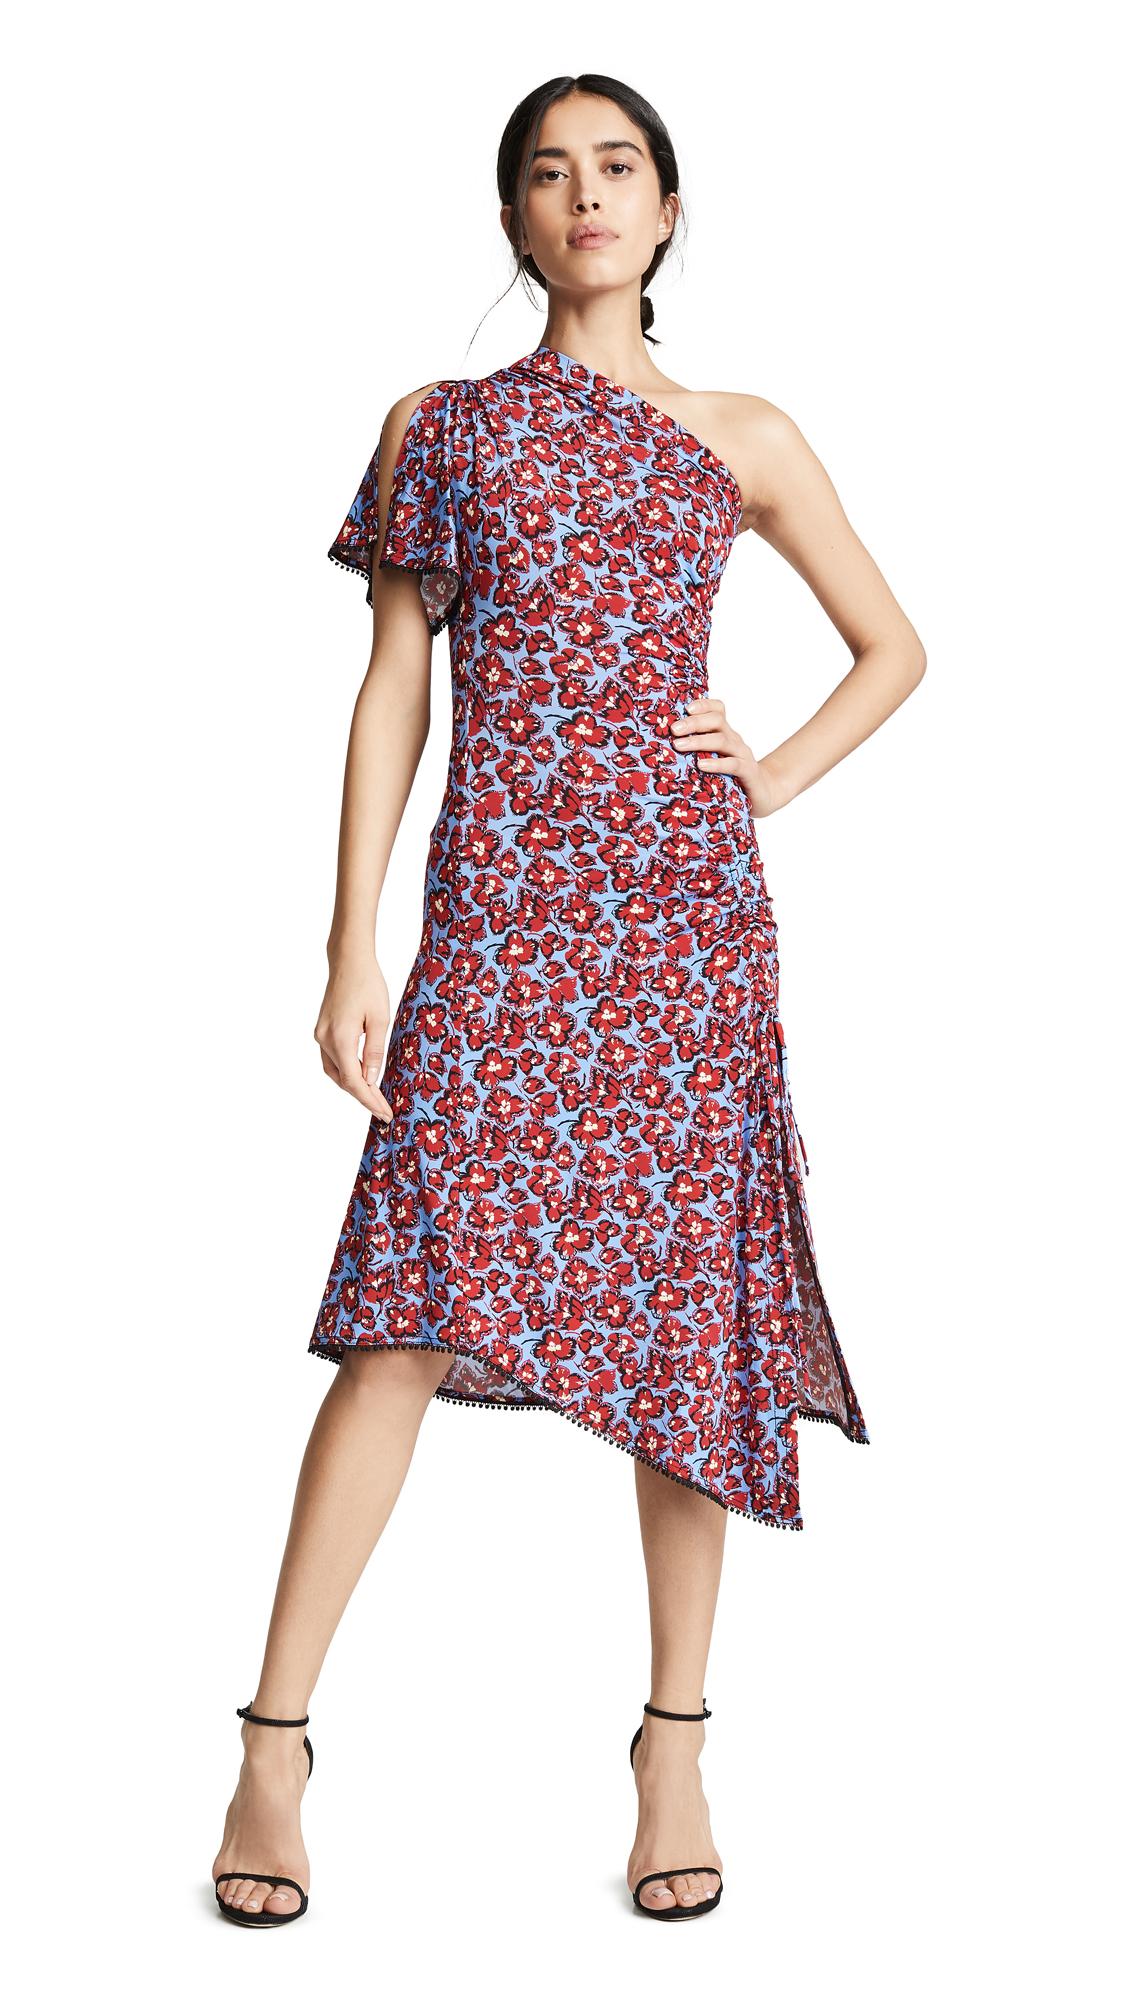 Derek Lam 10 Crosby Asymmetrical One Shoulder Dress - Periwinkle